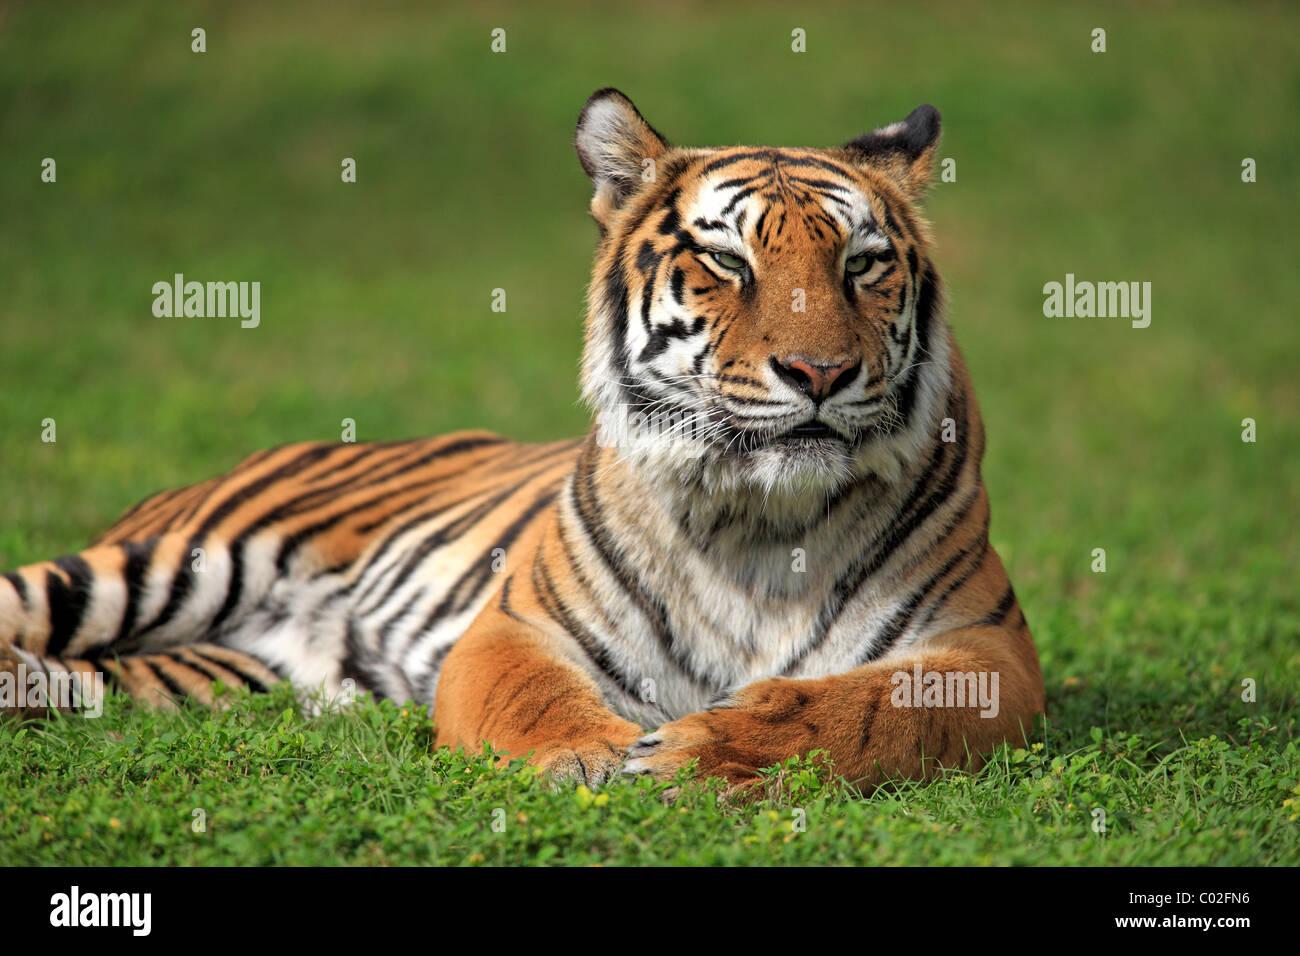 Bengal tiger or Royal Bengal tiger (Panthera tigris tigris), adult, India, Asia Stock Photo